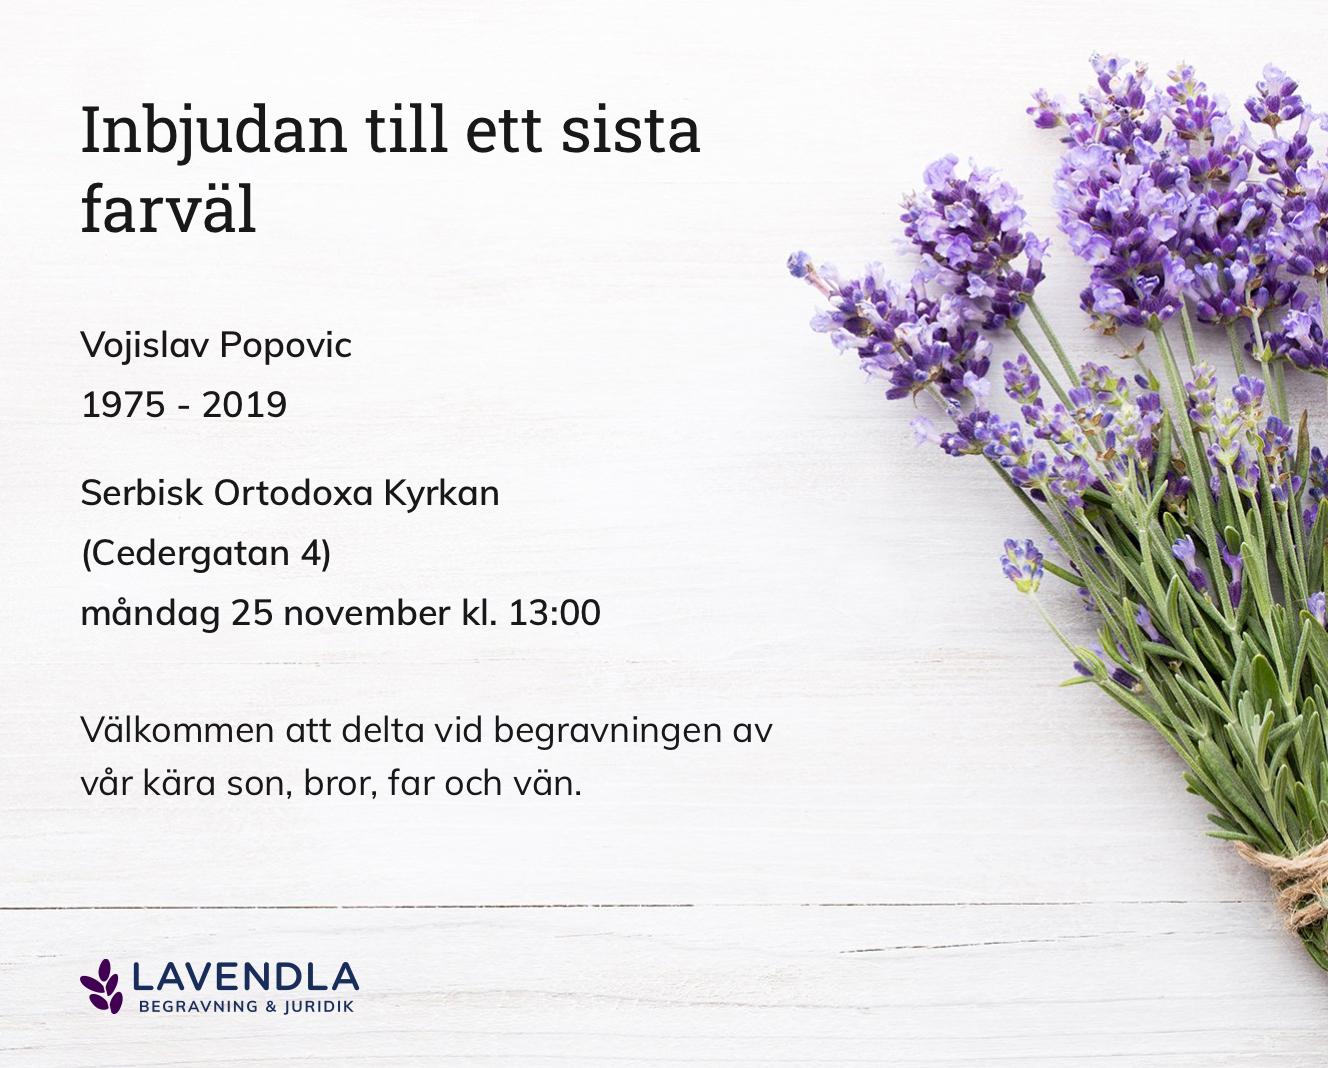 Inbjudningskort till ceremonin för Vojislav Popovic